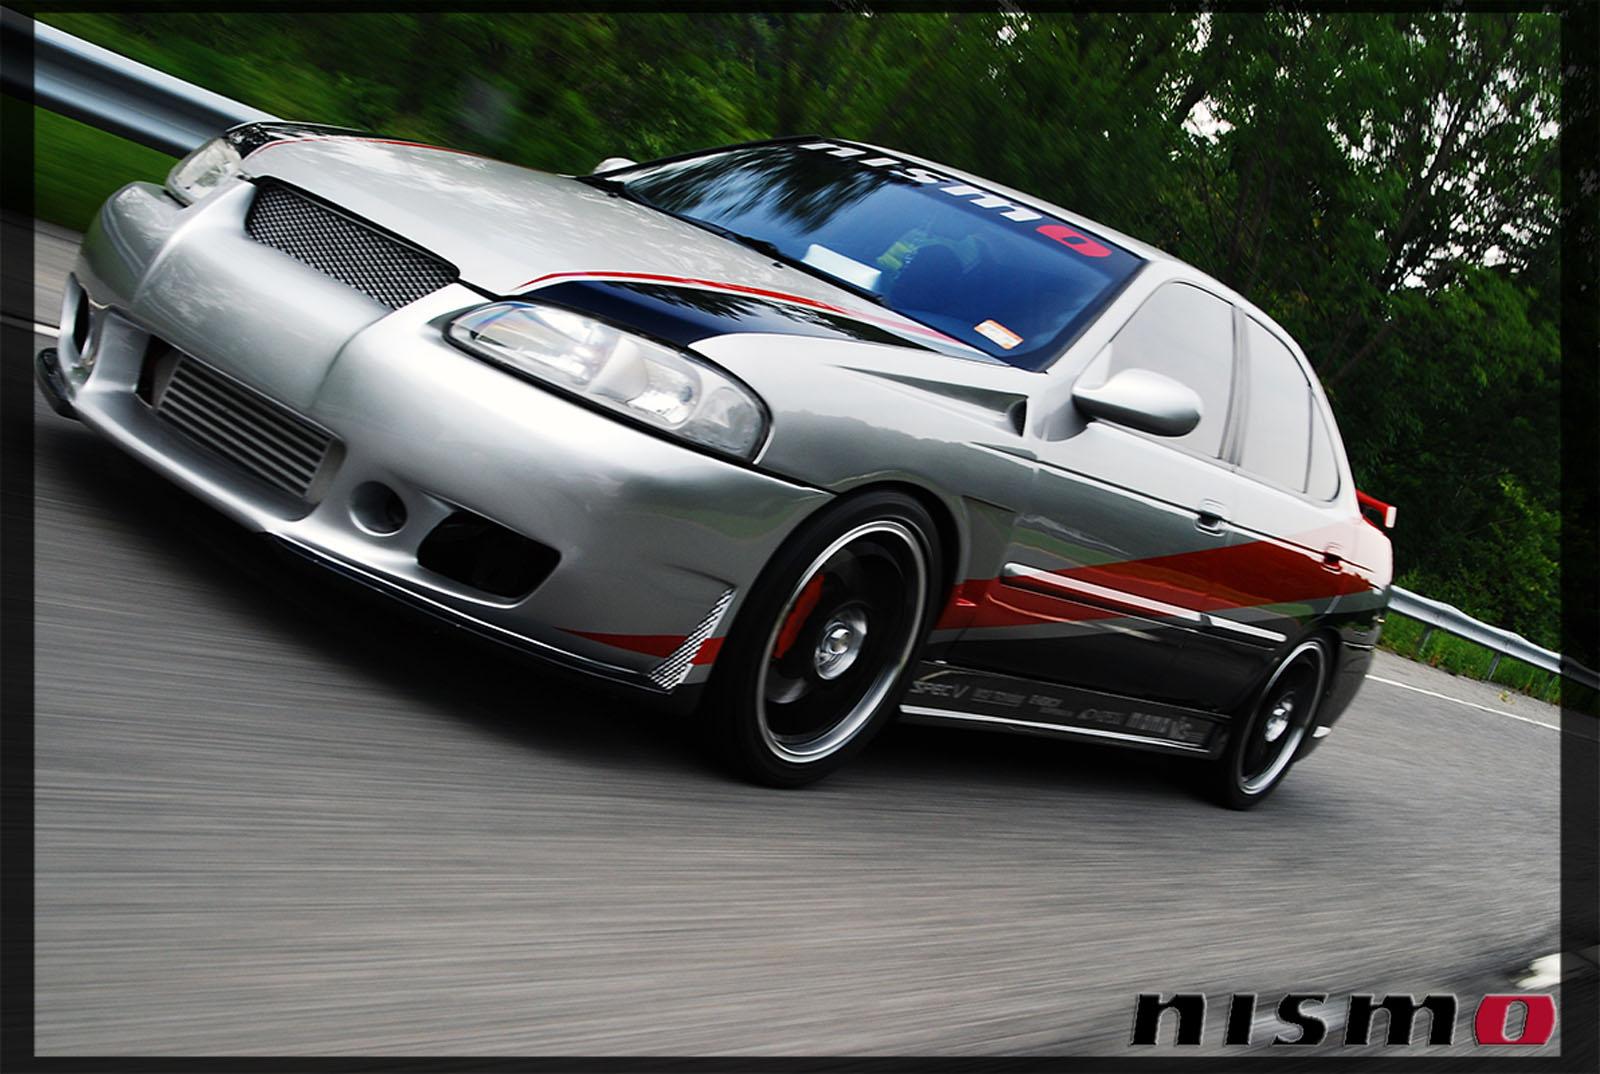 2003 Nissan SeR SpecV Turbo Sentra SpecV Turbo For Sale